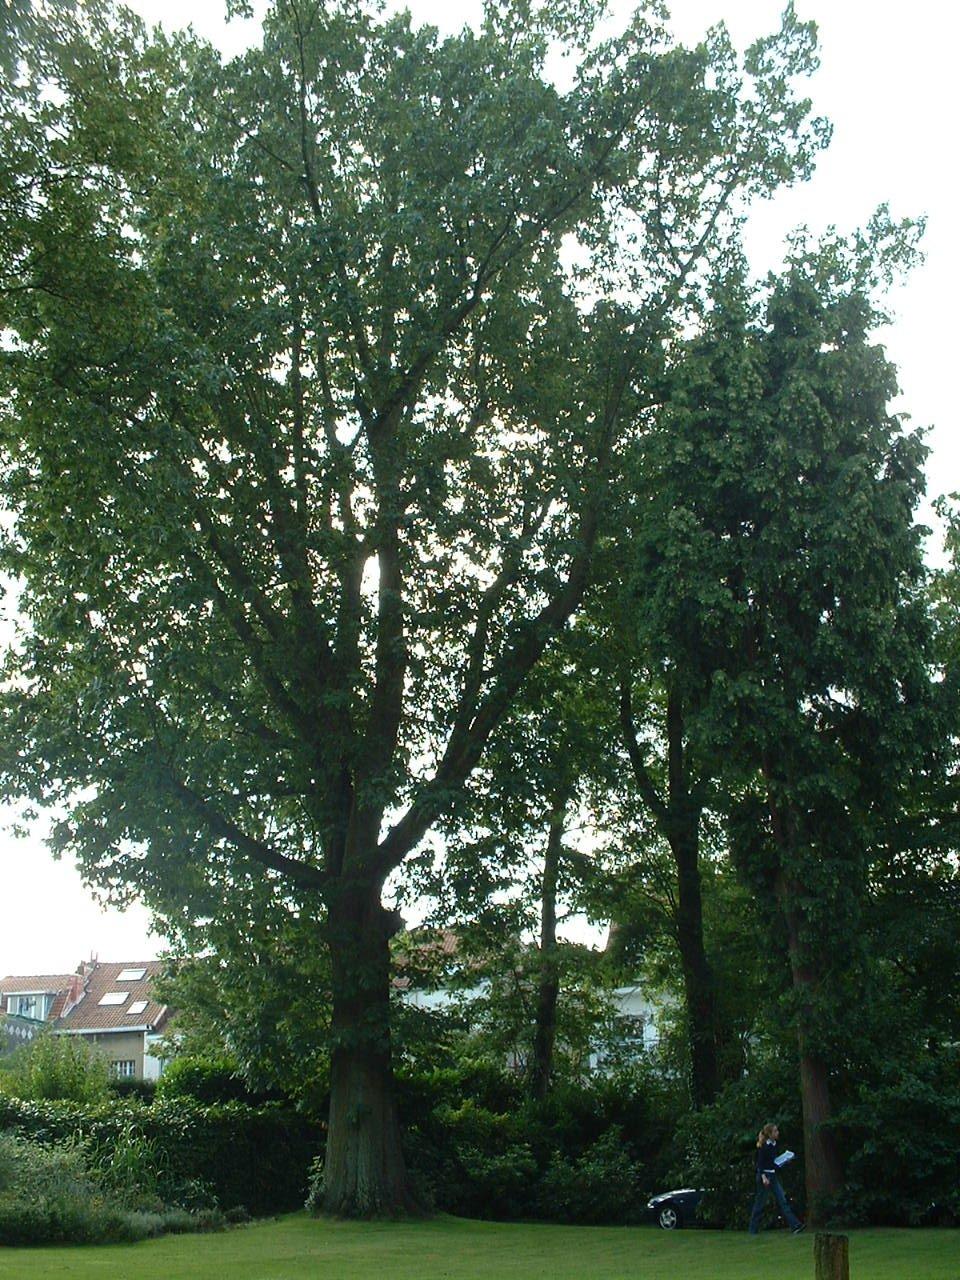 Chêne rouge d'Amérique – Watermael-Boitsfort, Avenue Emile Van Becelaere, 113 –  18 Juillet 2002